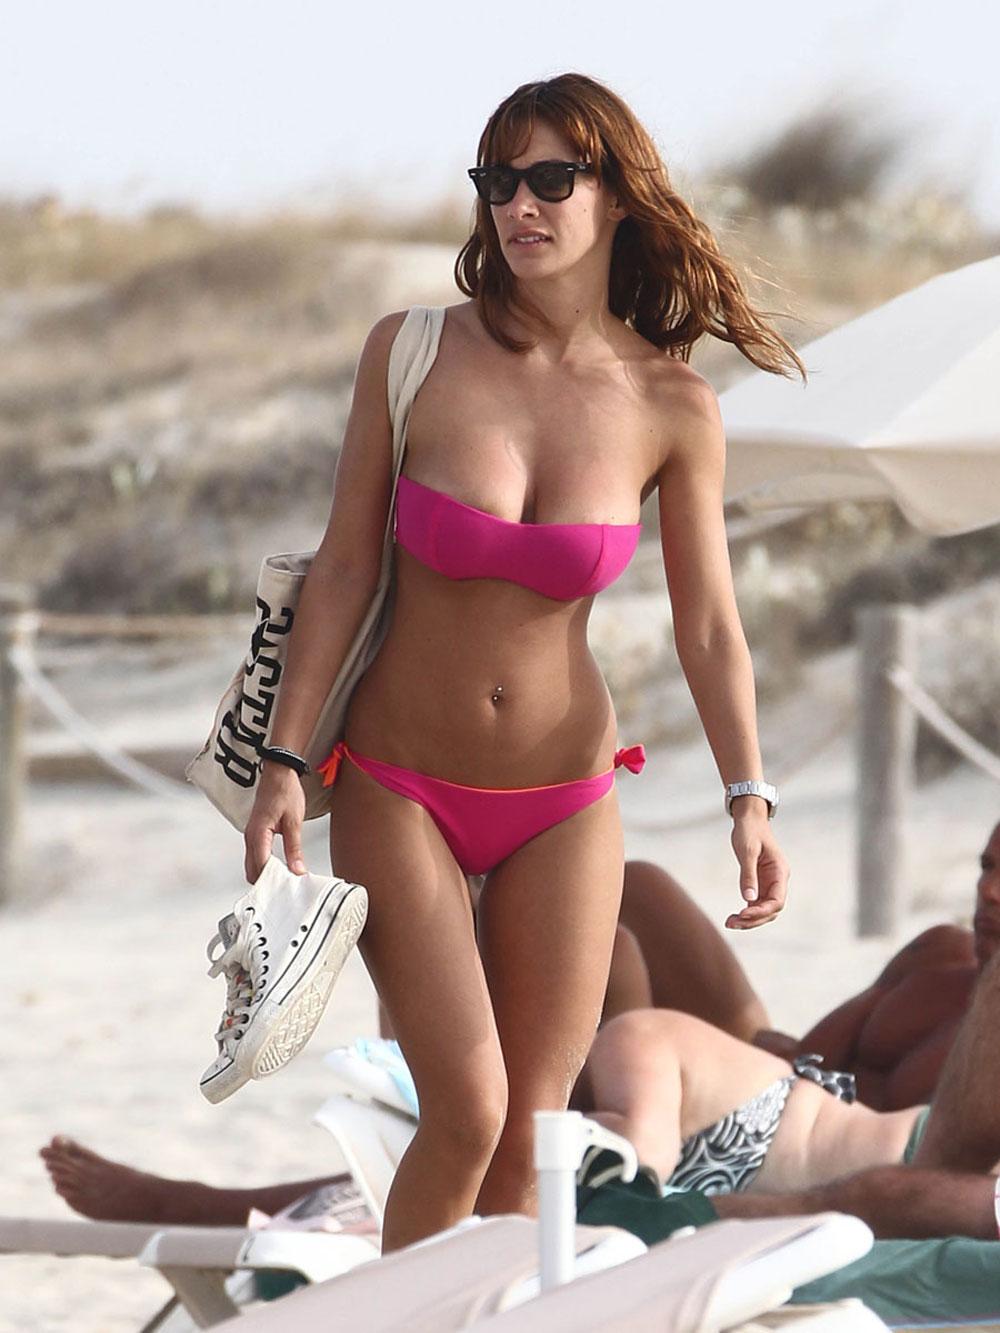 Sanaa latham bikini